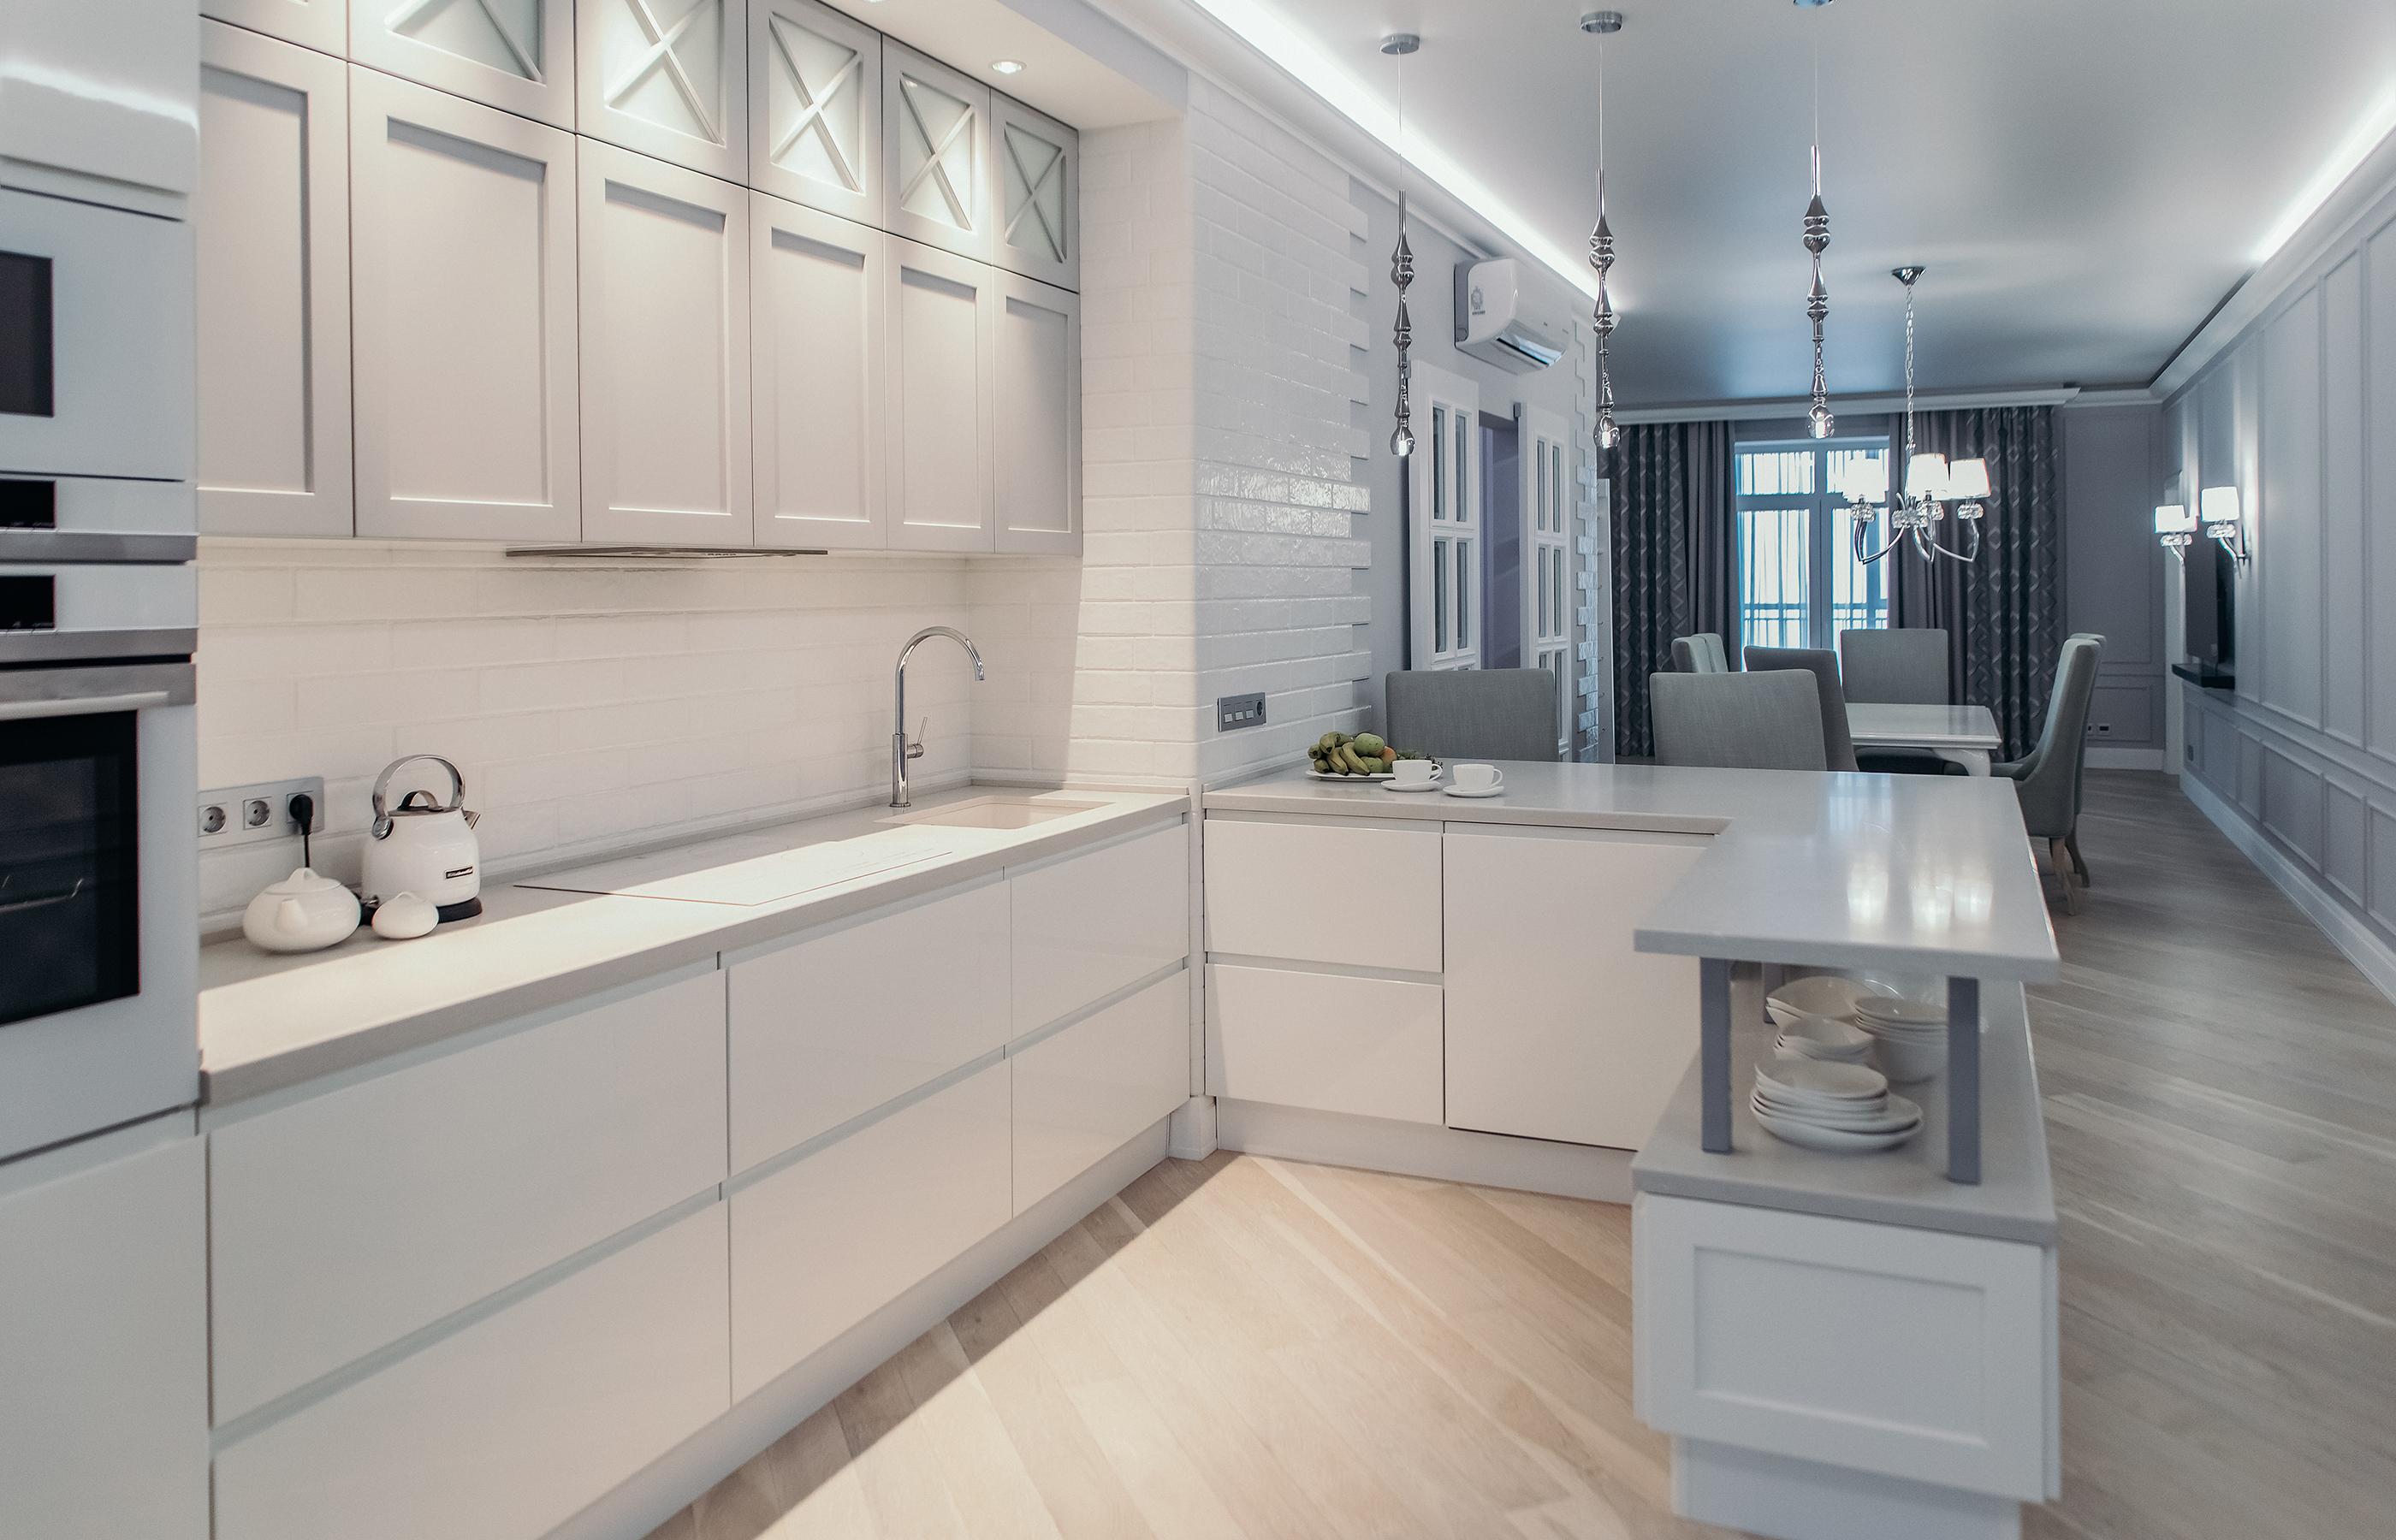 Широкая столешница, удобное и фкнкциональное расположение кухонной техники - неизменный атрибут кухни, выполненой в неоклассическом стиле